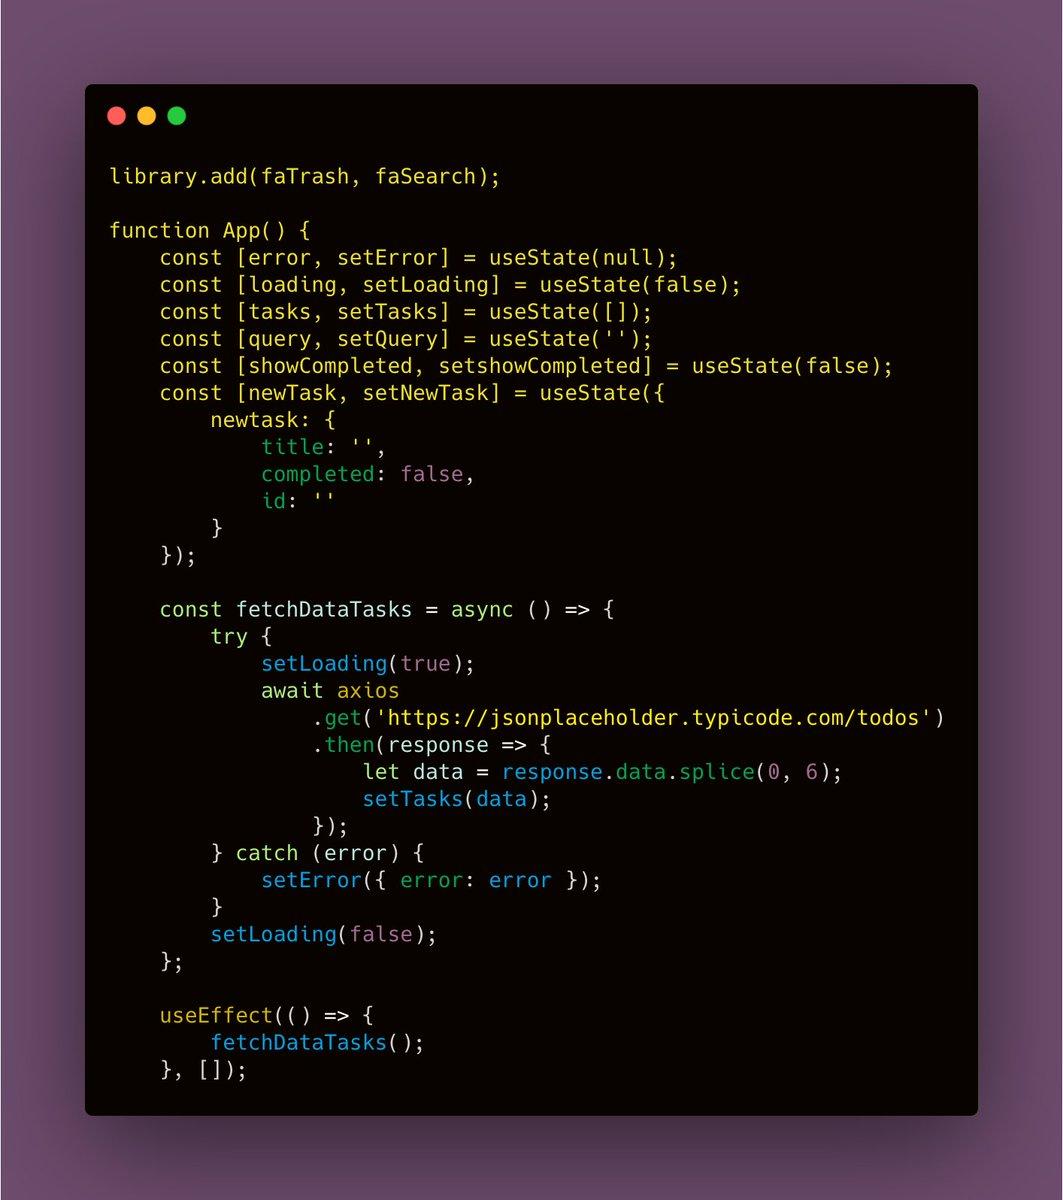 React Hooks #javascript #Reactpic.twitter.com/3SqjJbqx20